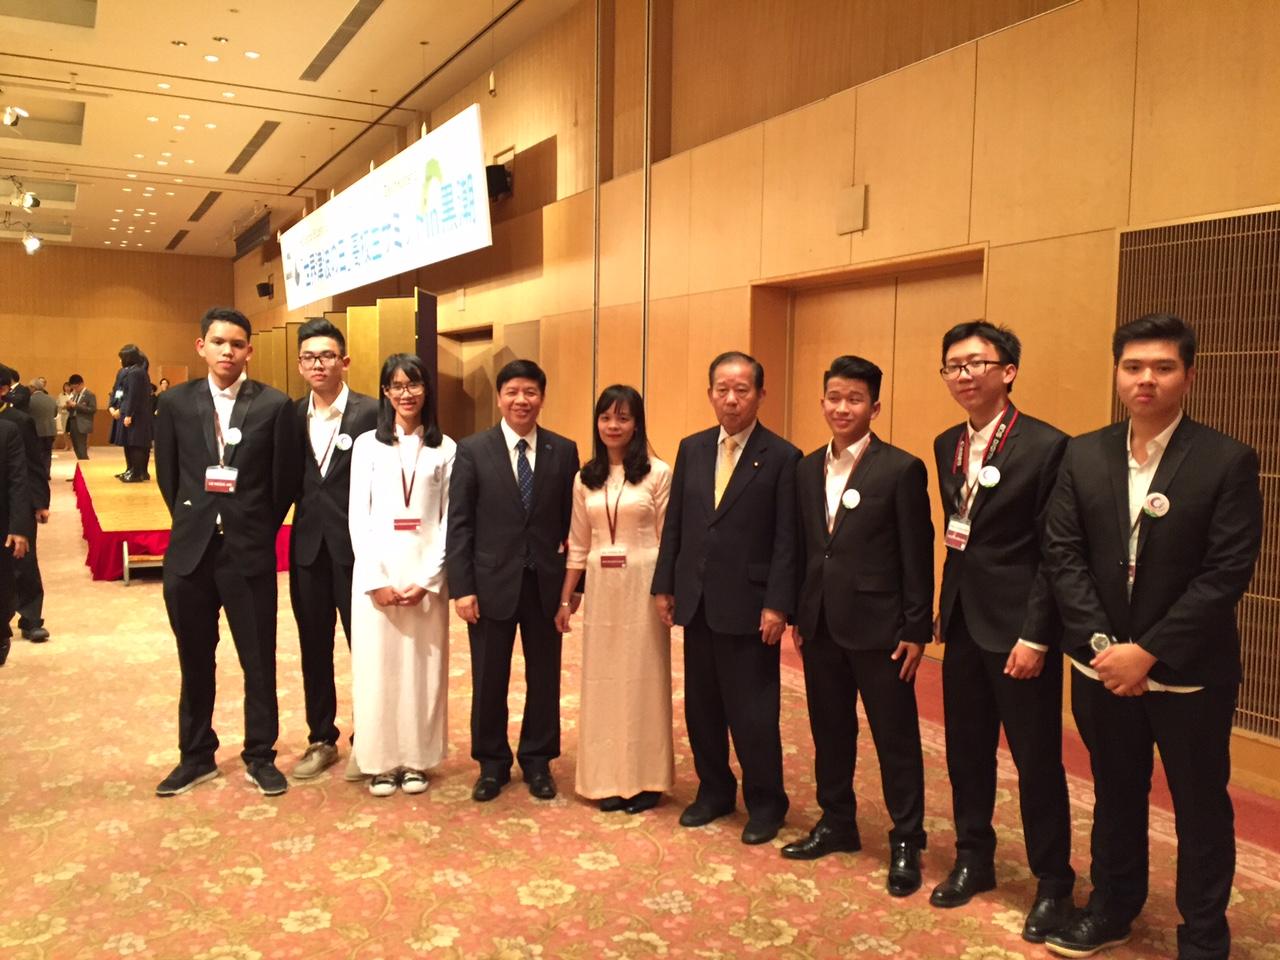 愛媛県、高知県からベトナムとの協力促進へ期待